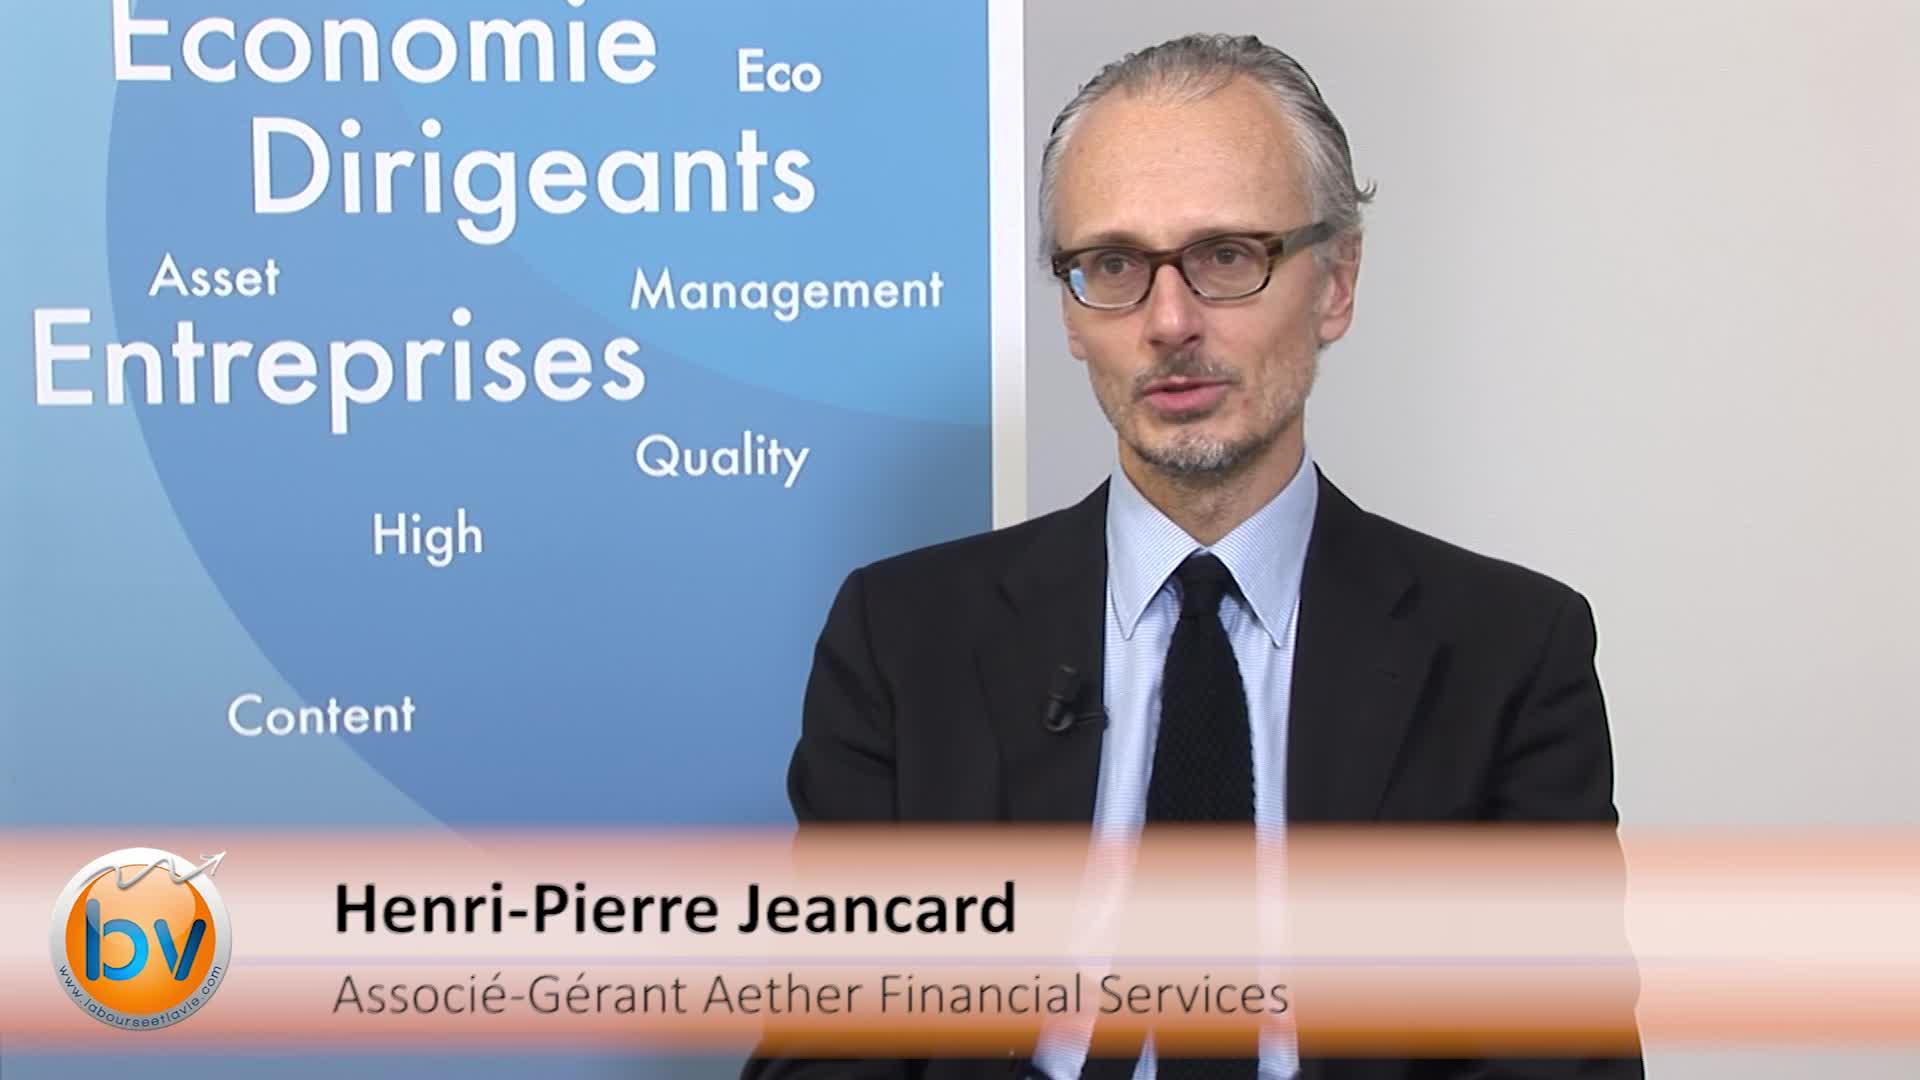 """Henri-Pierre Jeancard Associé-Gérant Aether Financial Services : """"Le marché obligataire a trouvé sa résonance pour les investisseurs institutionnels"""""""